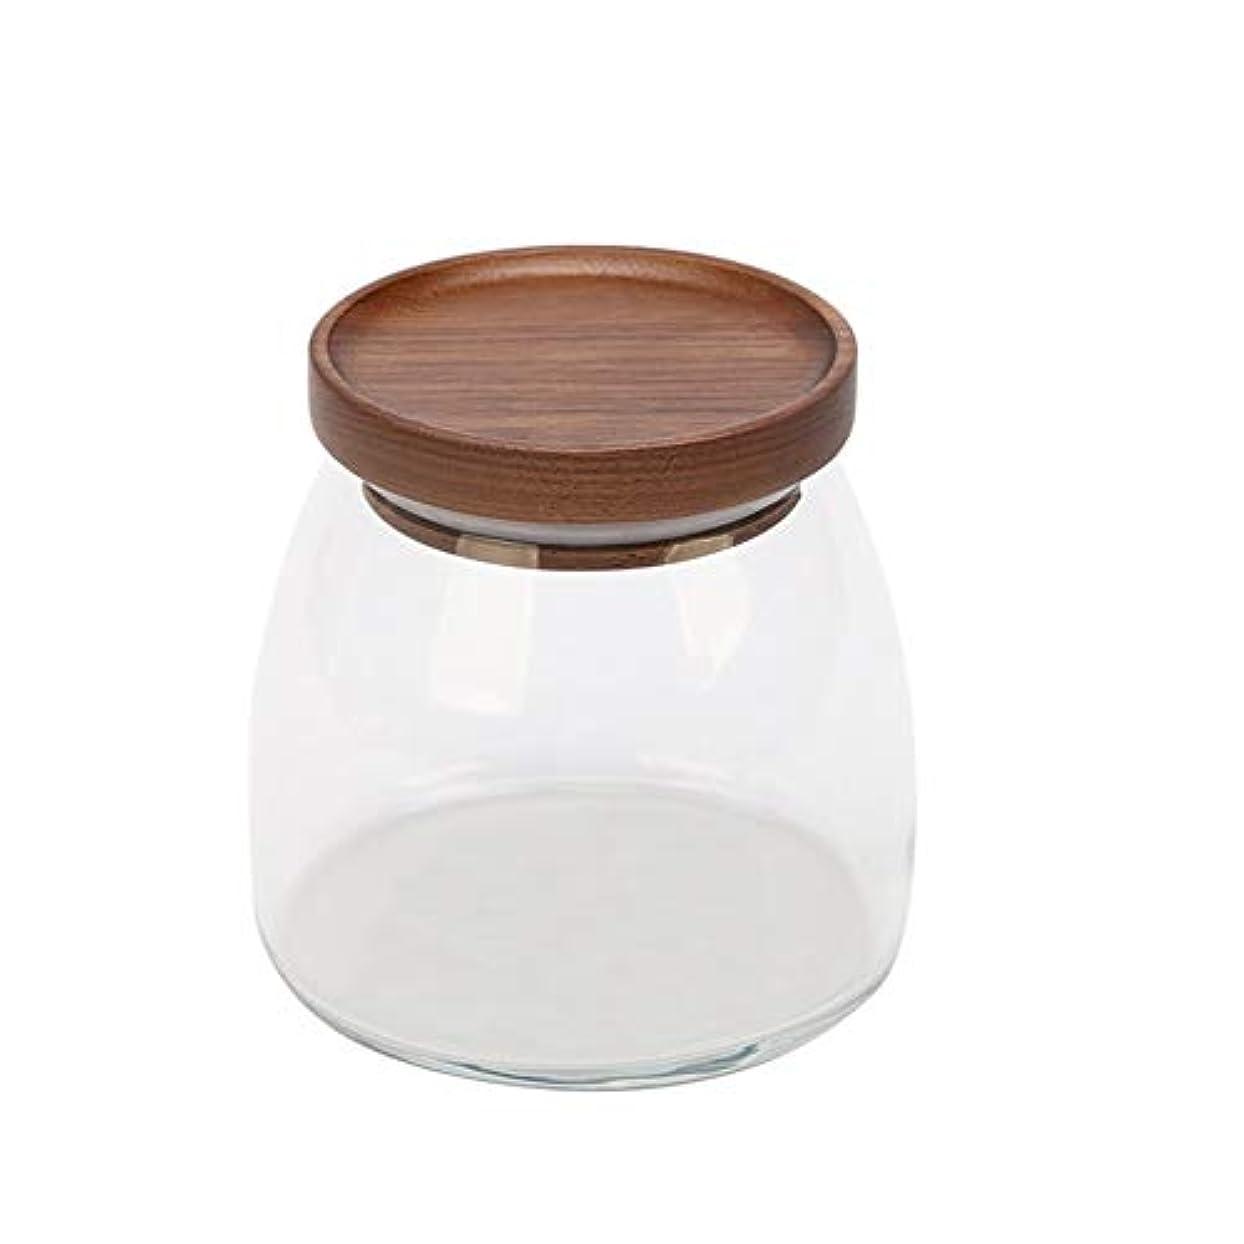 追放する炎上こだわり貯蔵タンク、透明ガラス貯蔵タンク、家庭用食品、茶瓶